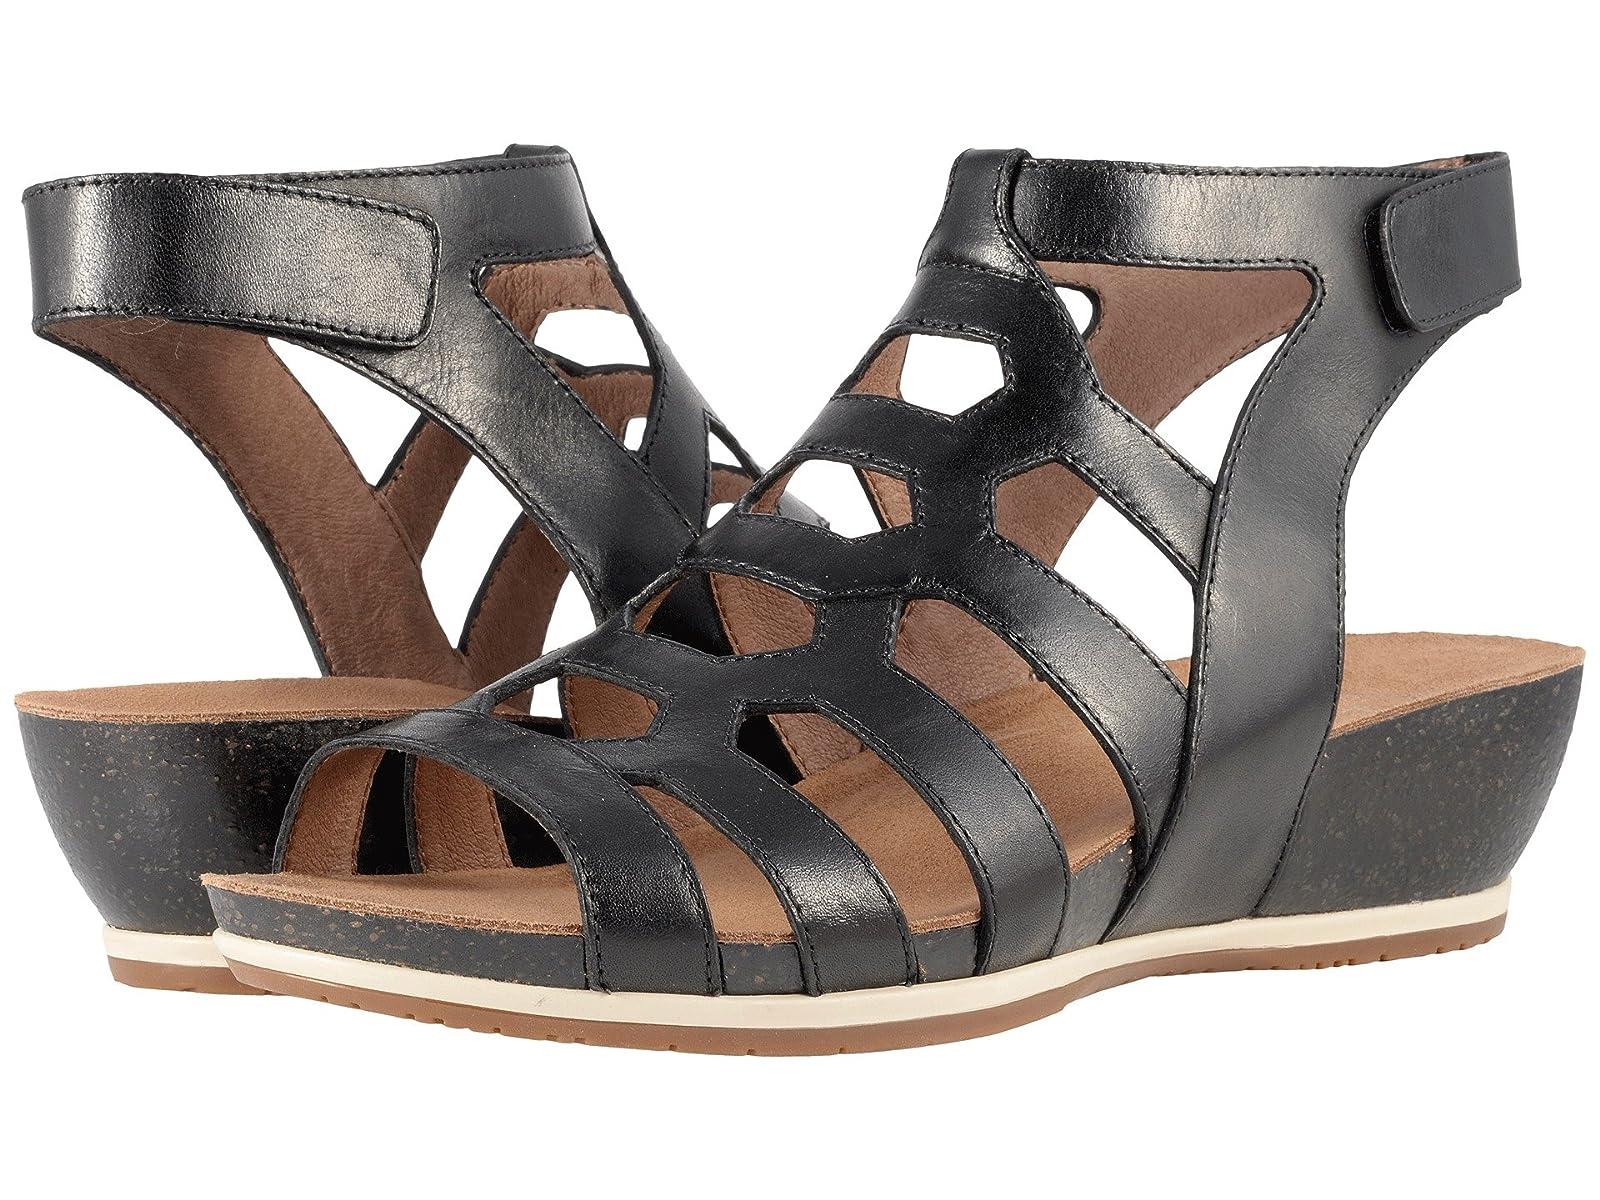 Dansko ValentinaAtmospheric grades have affordable shoes